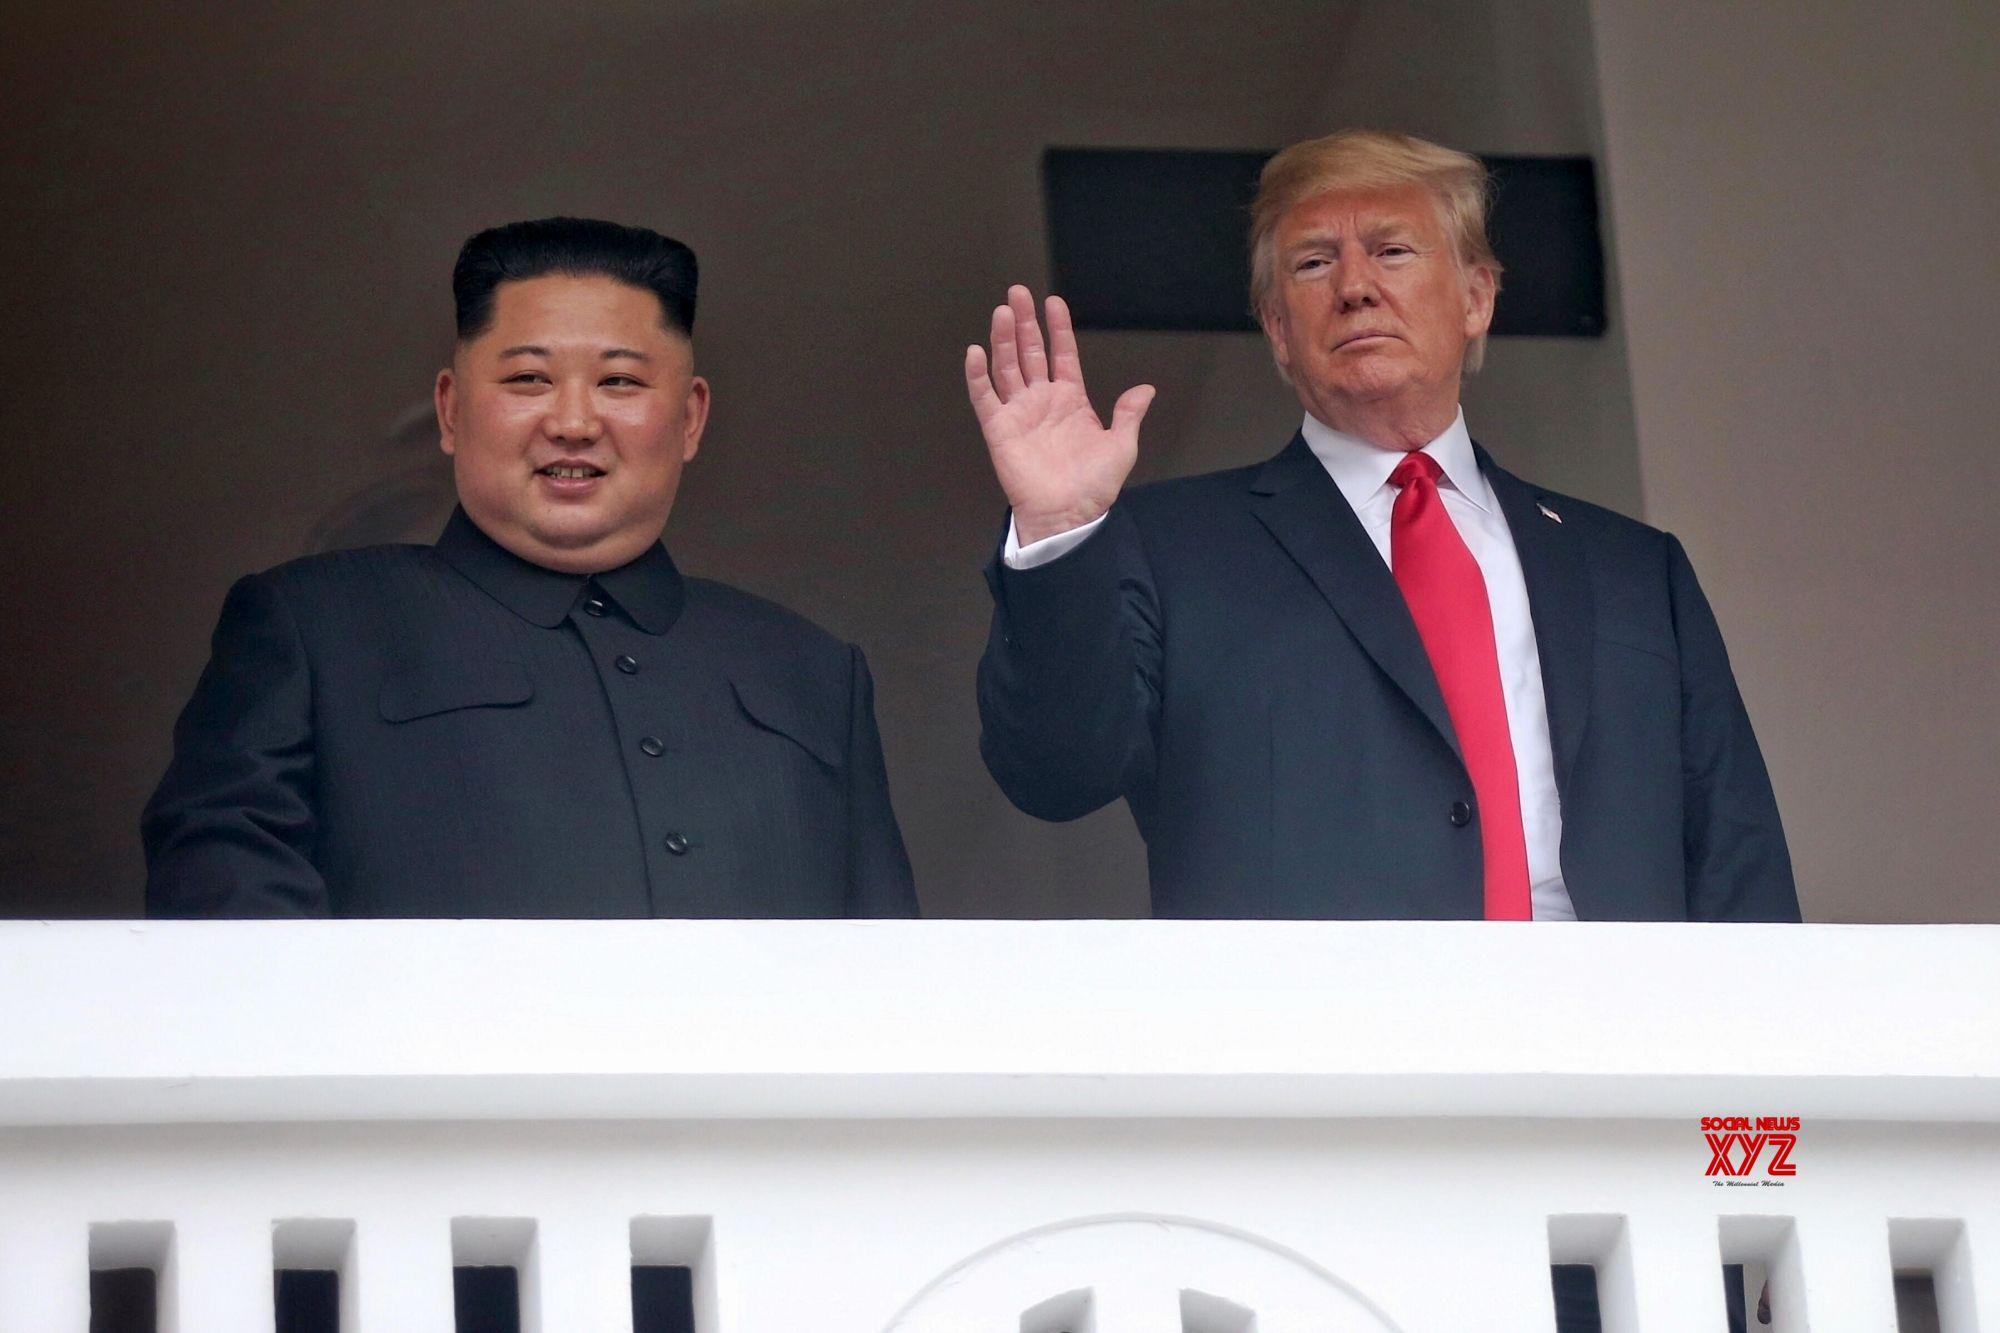 N. Korea still pursuing nuclear advances: Top US commander